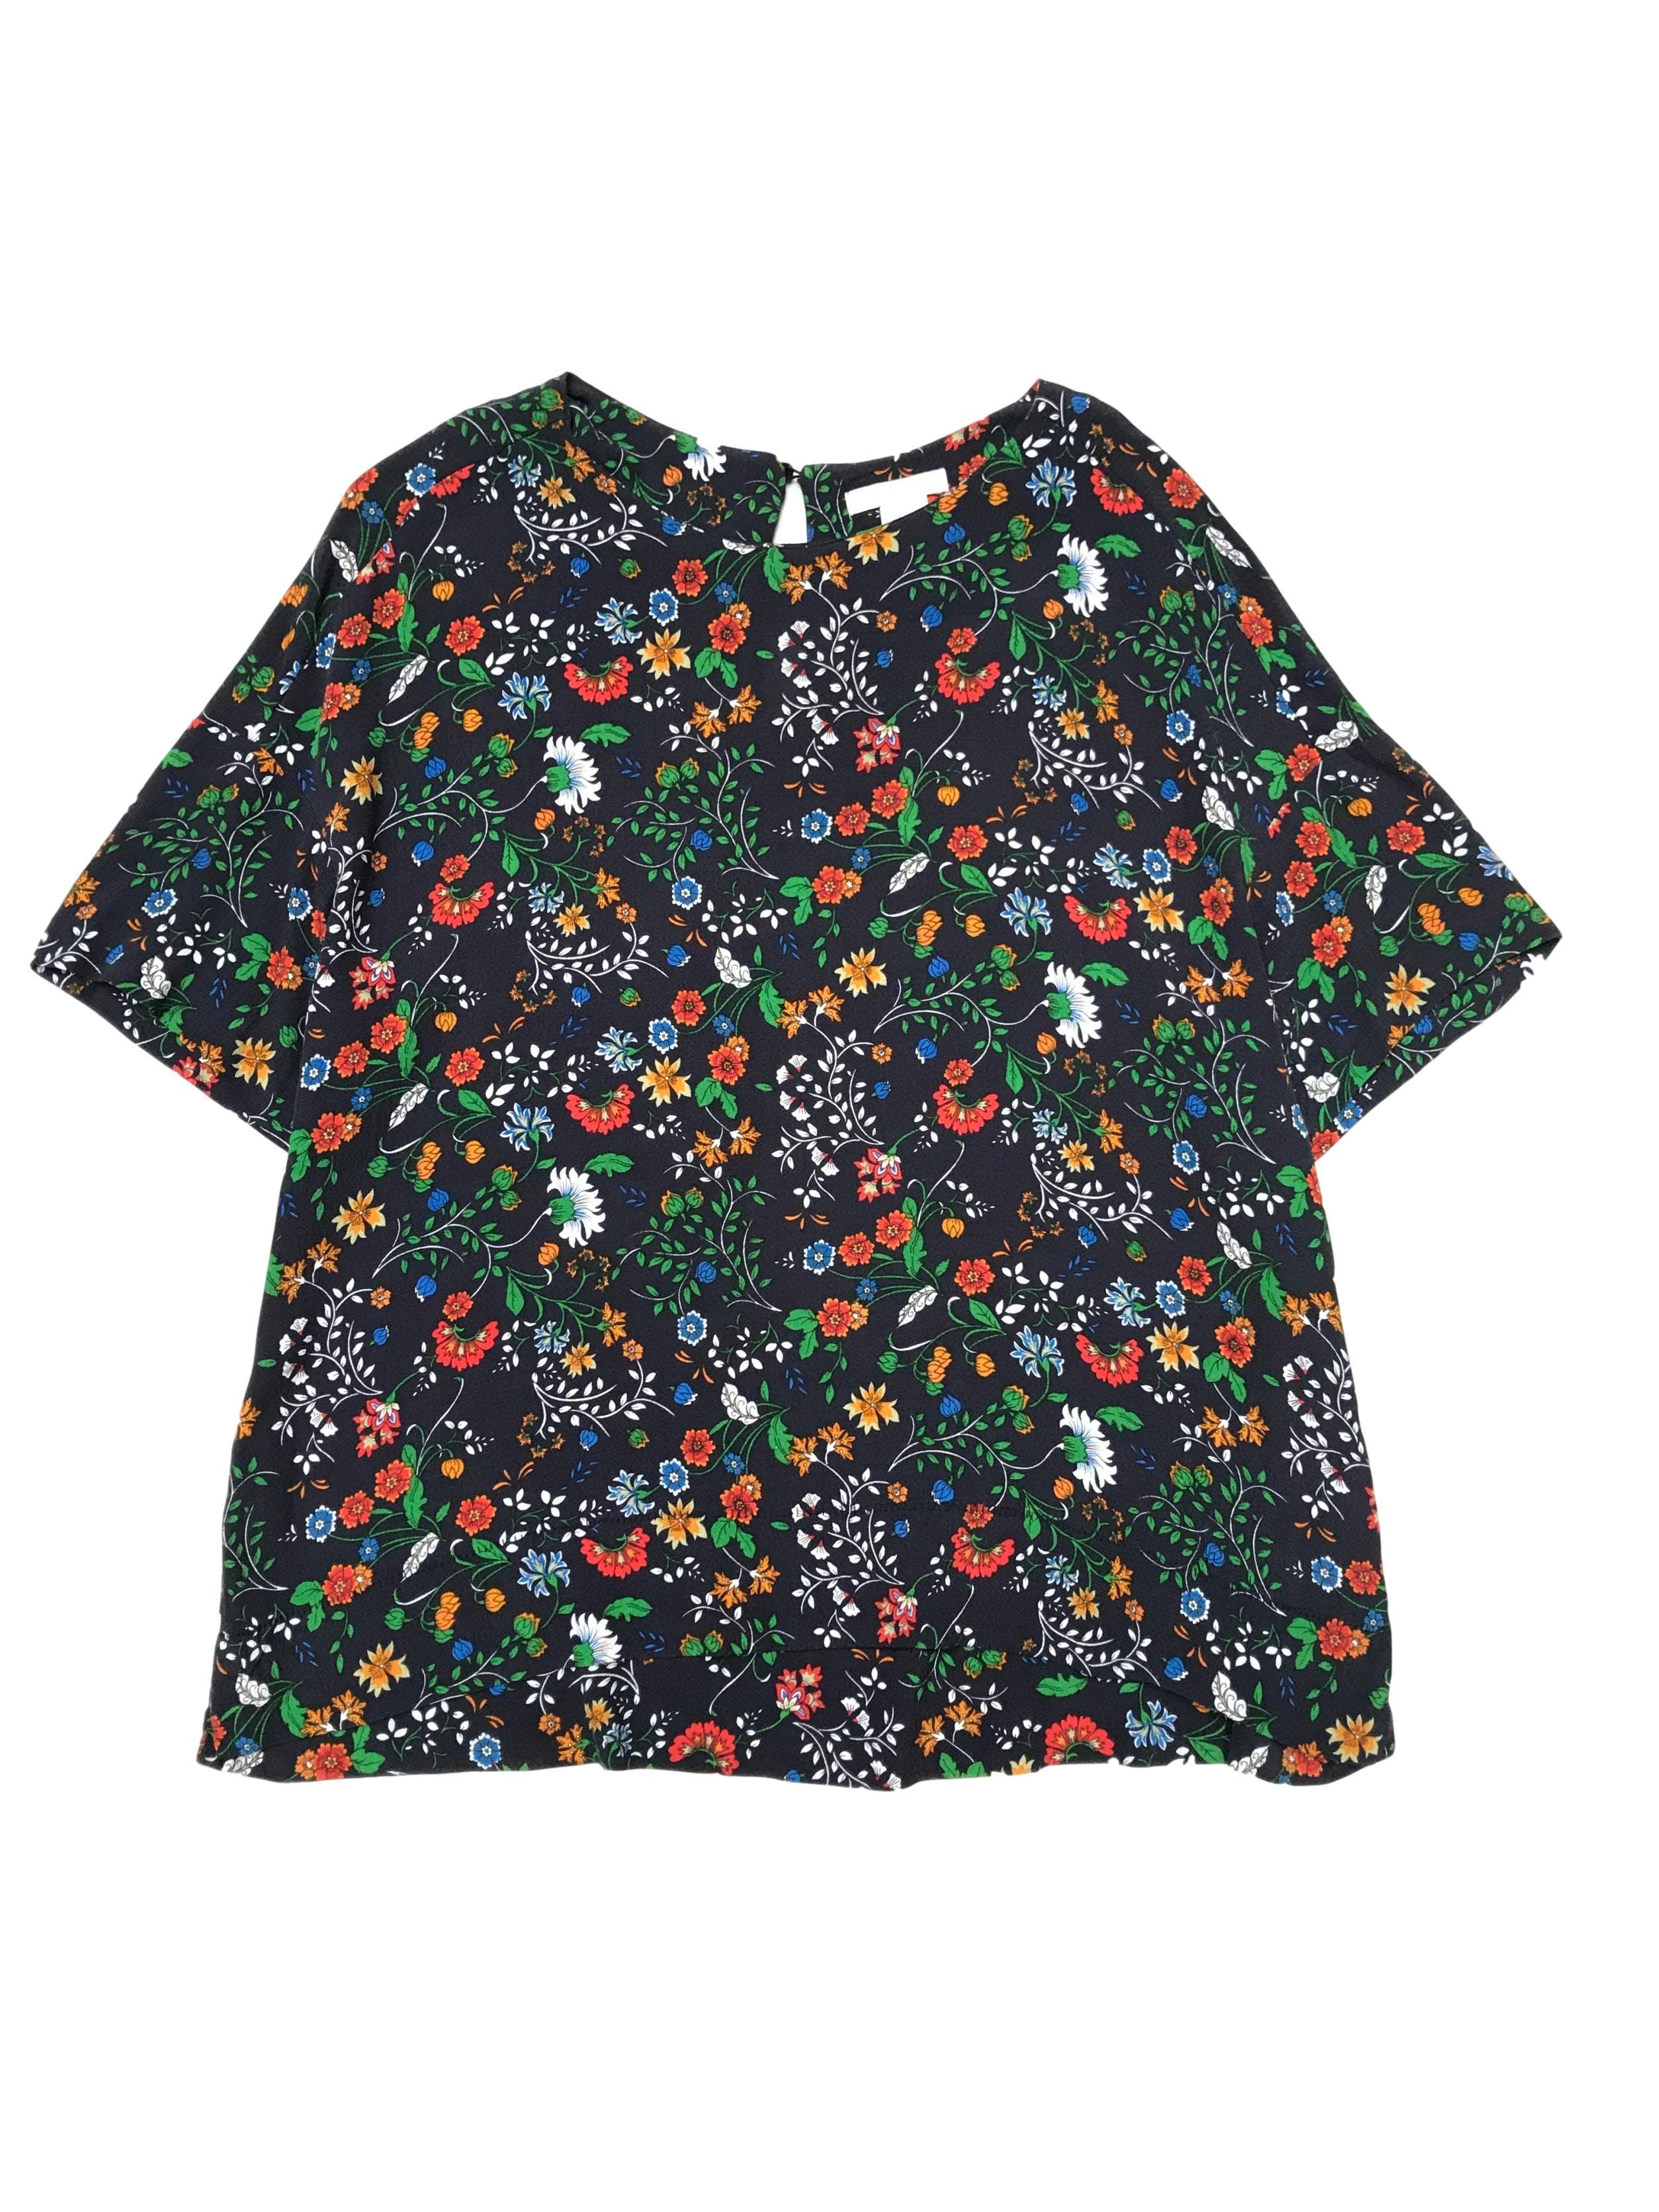 Blusa H&M azul con print de flores y lleva botón posterior en el cuello, es suelta